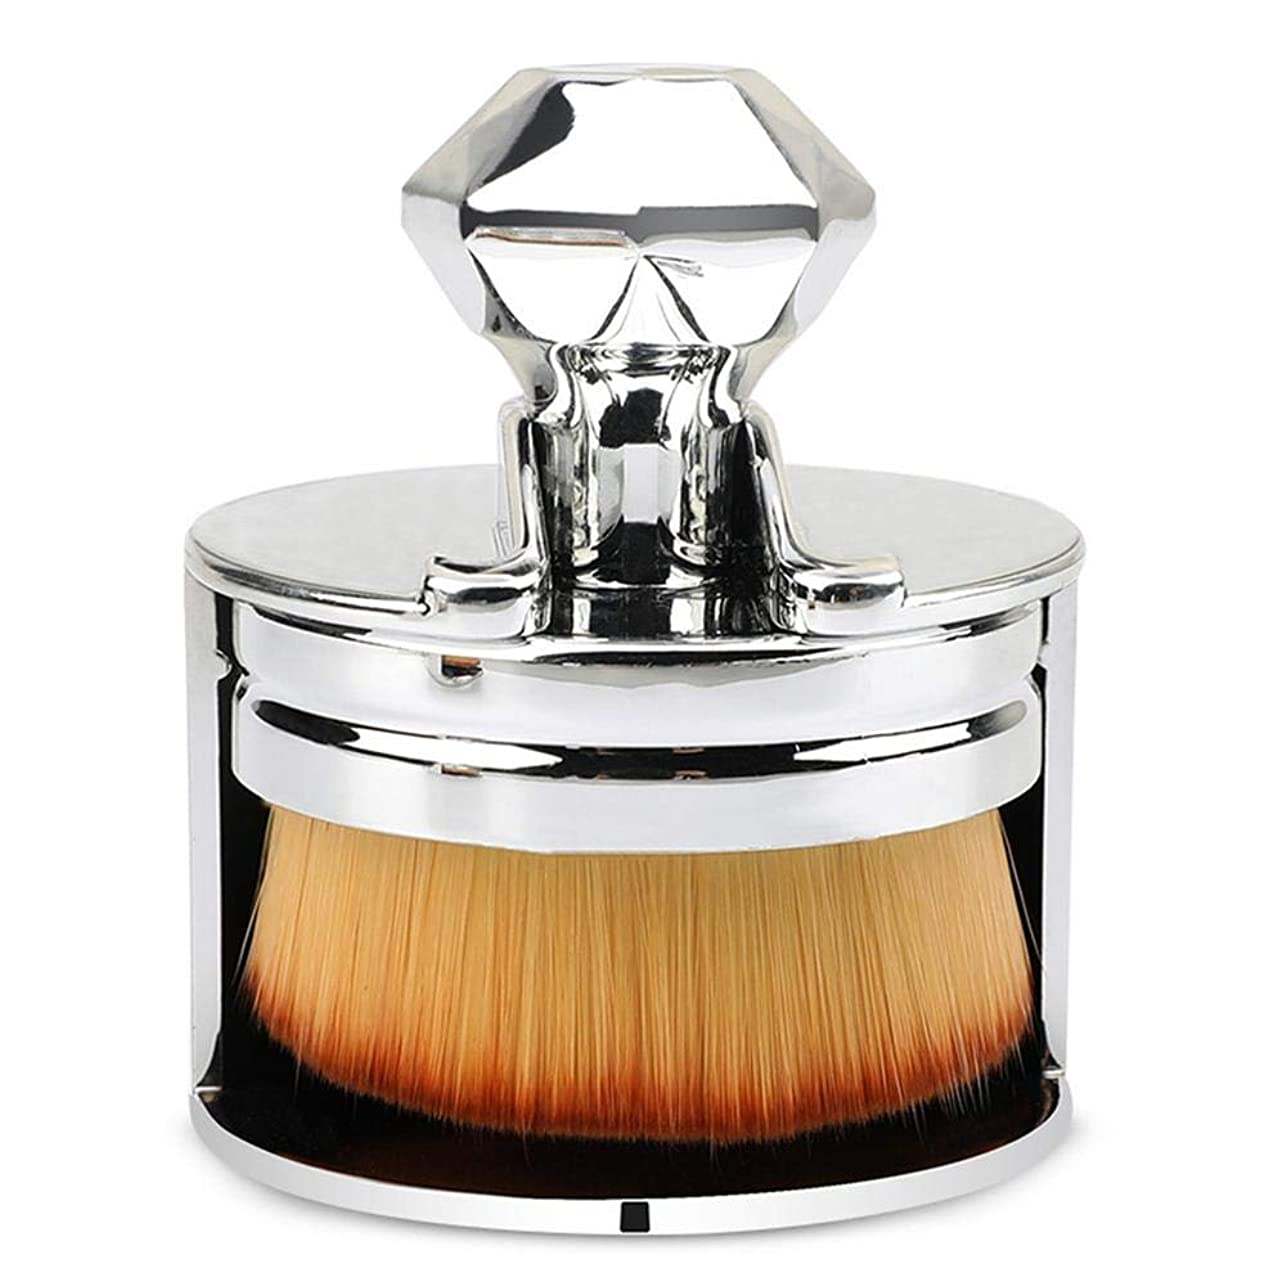 極地生レース化粧筆 人気ファンデーションブラシ ファンデーションブラシ使いやすい 初心者 美容院 化粧ツール